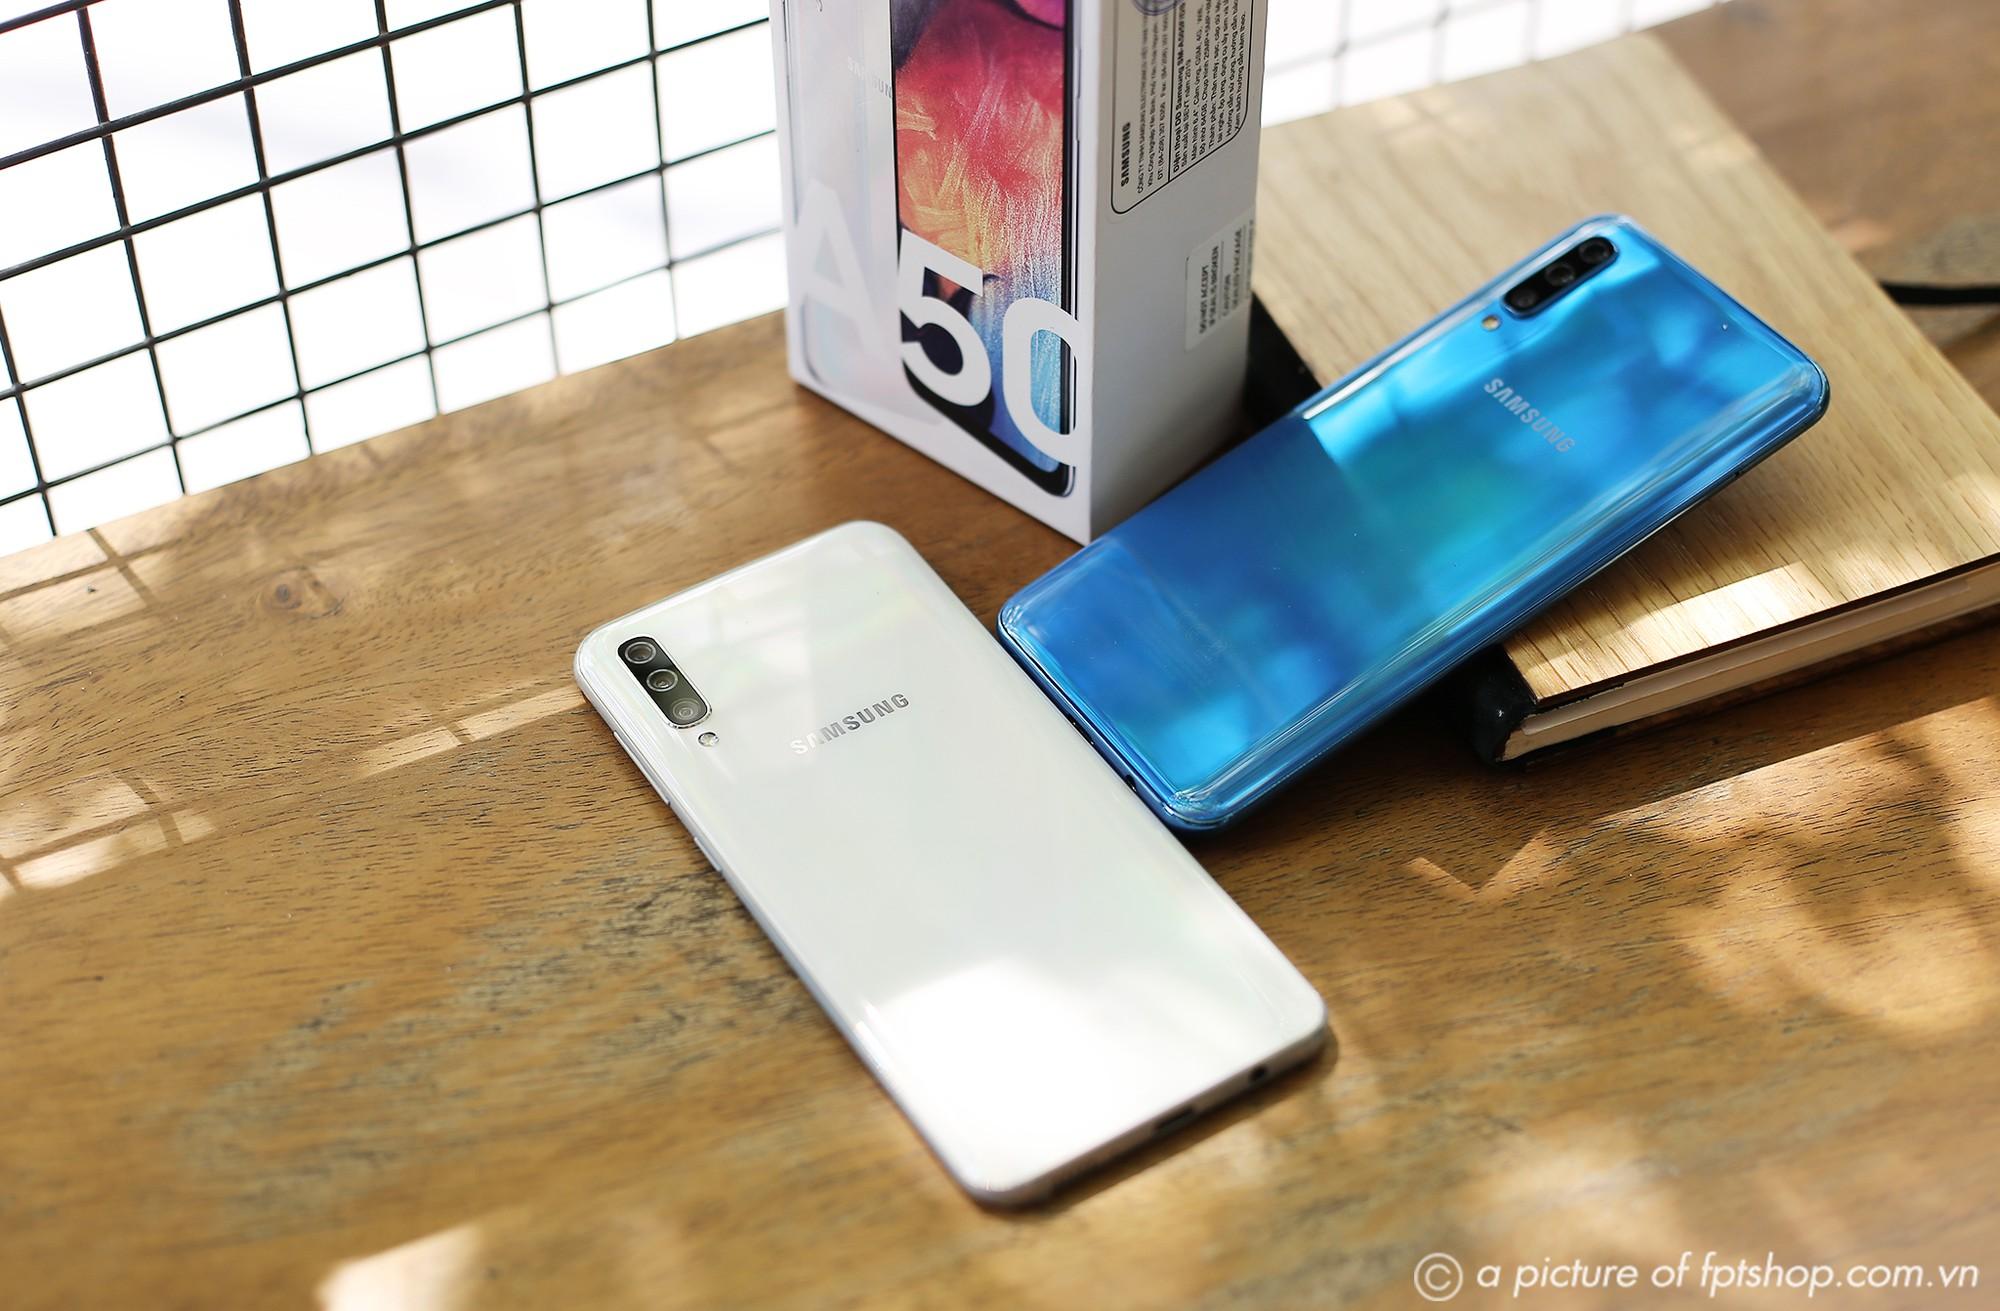 Mua trả góp không lãi suất Galaxy A50 và trúng thêm S10 mỗi ngày tại FPT Shop - Ảnh 2.